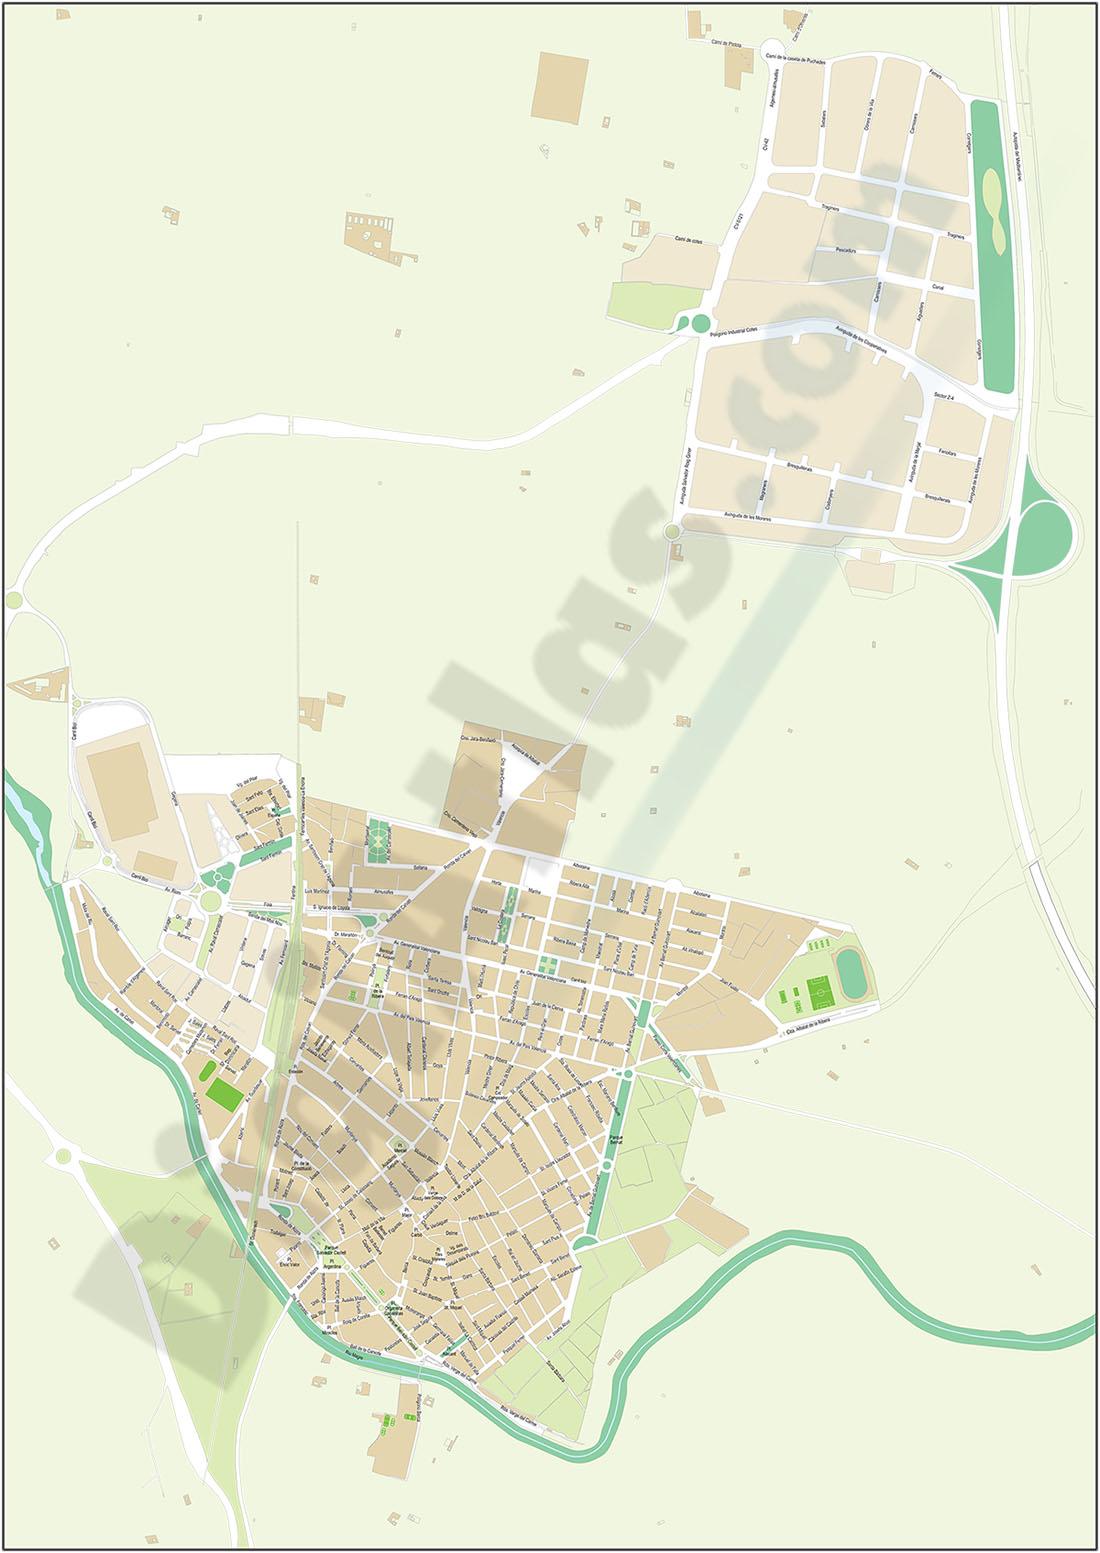 Algemesí - plano callejero